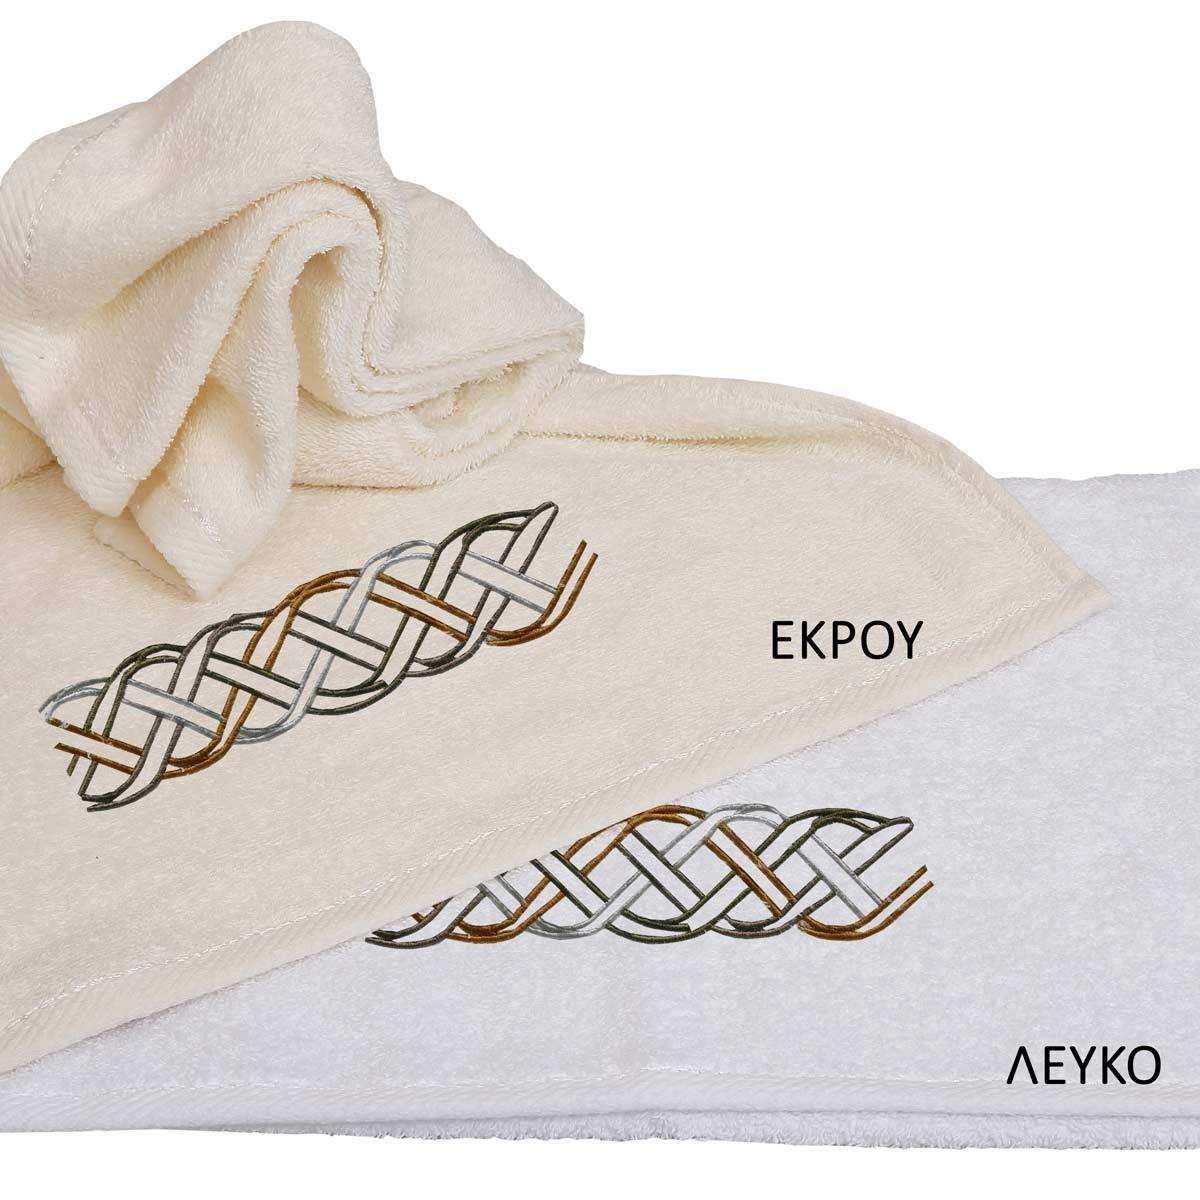 Πετσέτες Μπάνιου (Σετ 3τμχ) Viopros Applique Σχ27